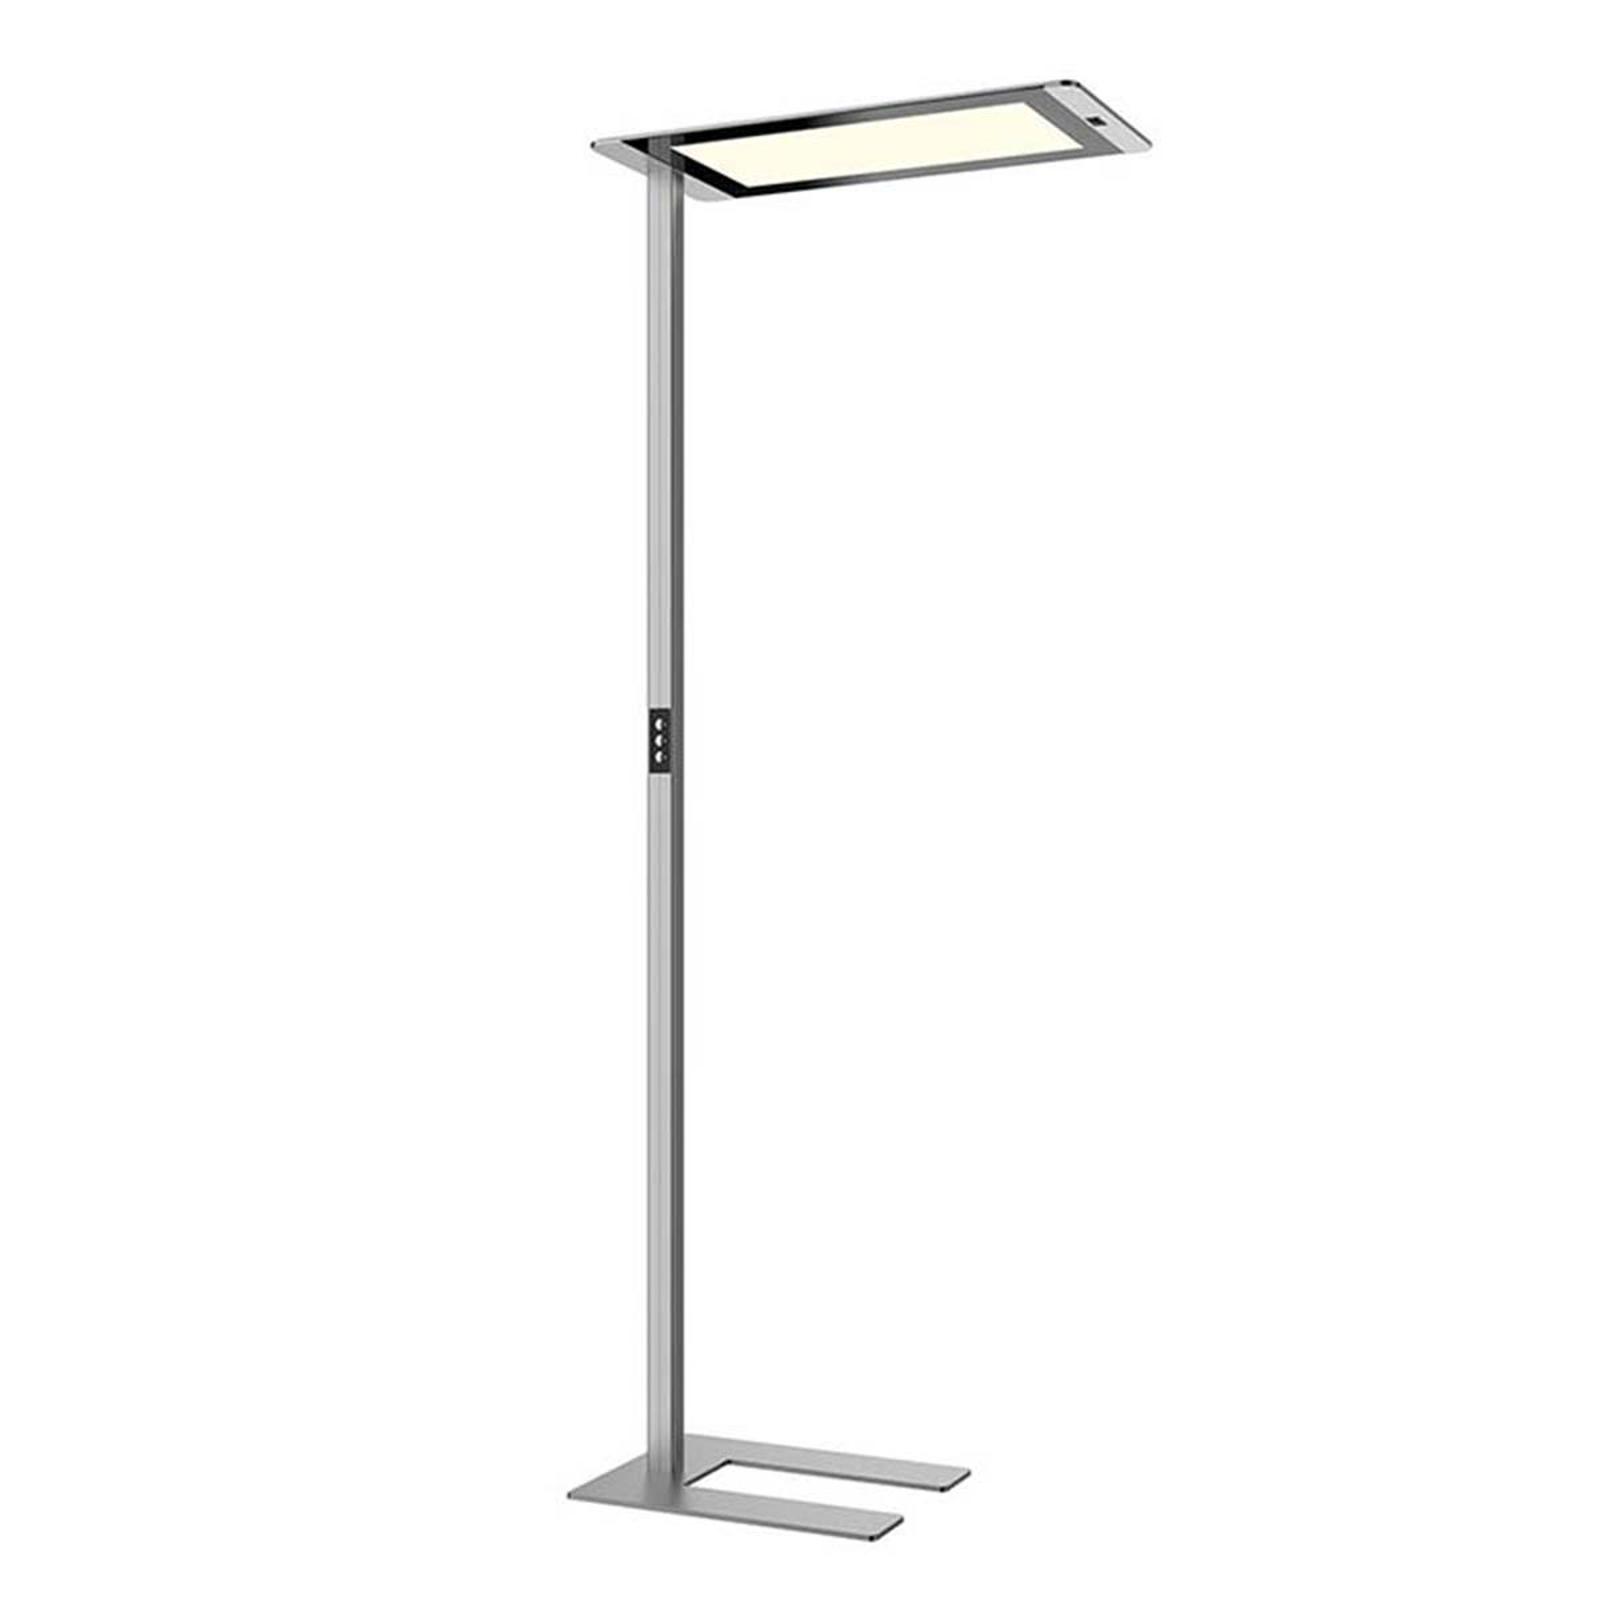 GRIMMEISEN Onyxx air Free Dim LED-Stehleuchte 85W